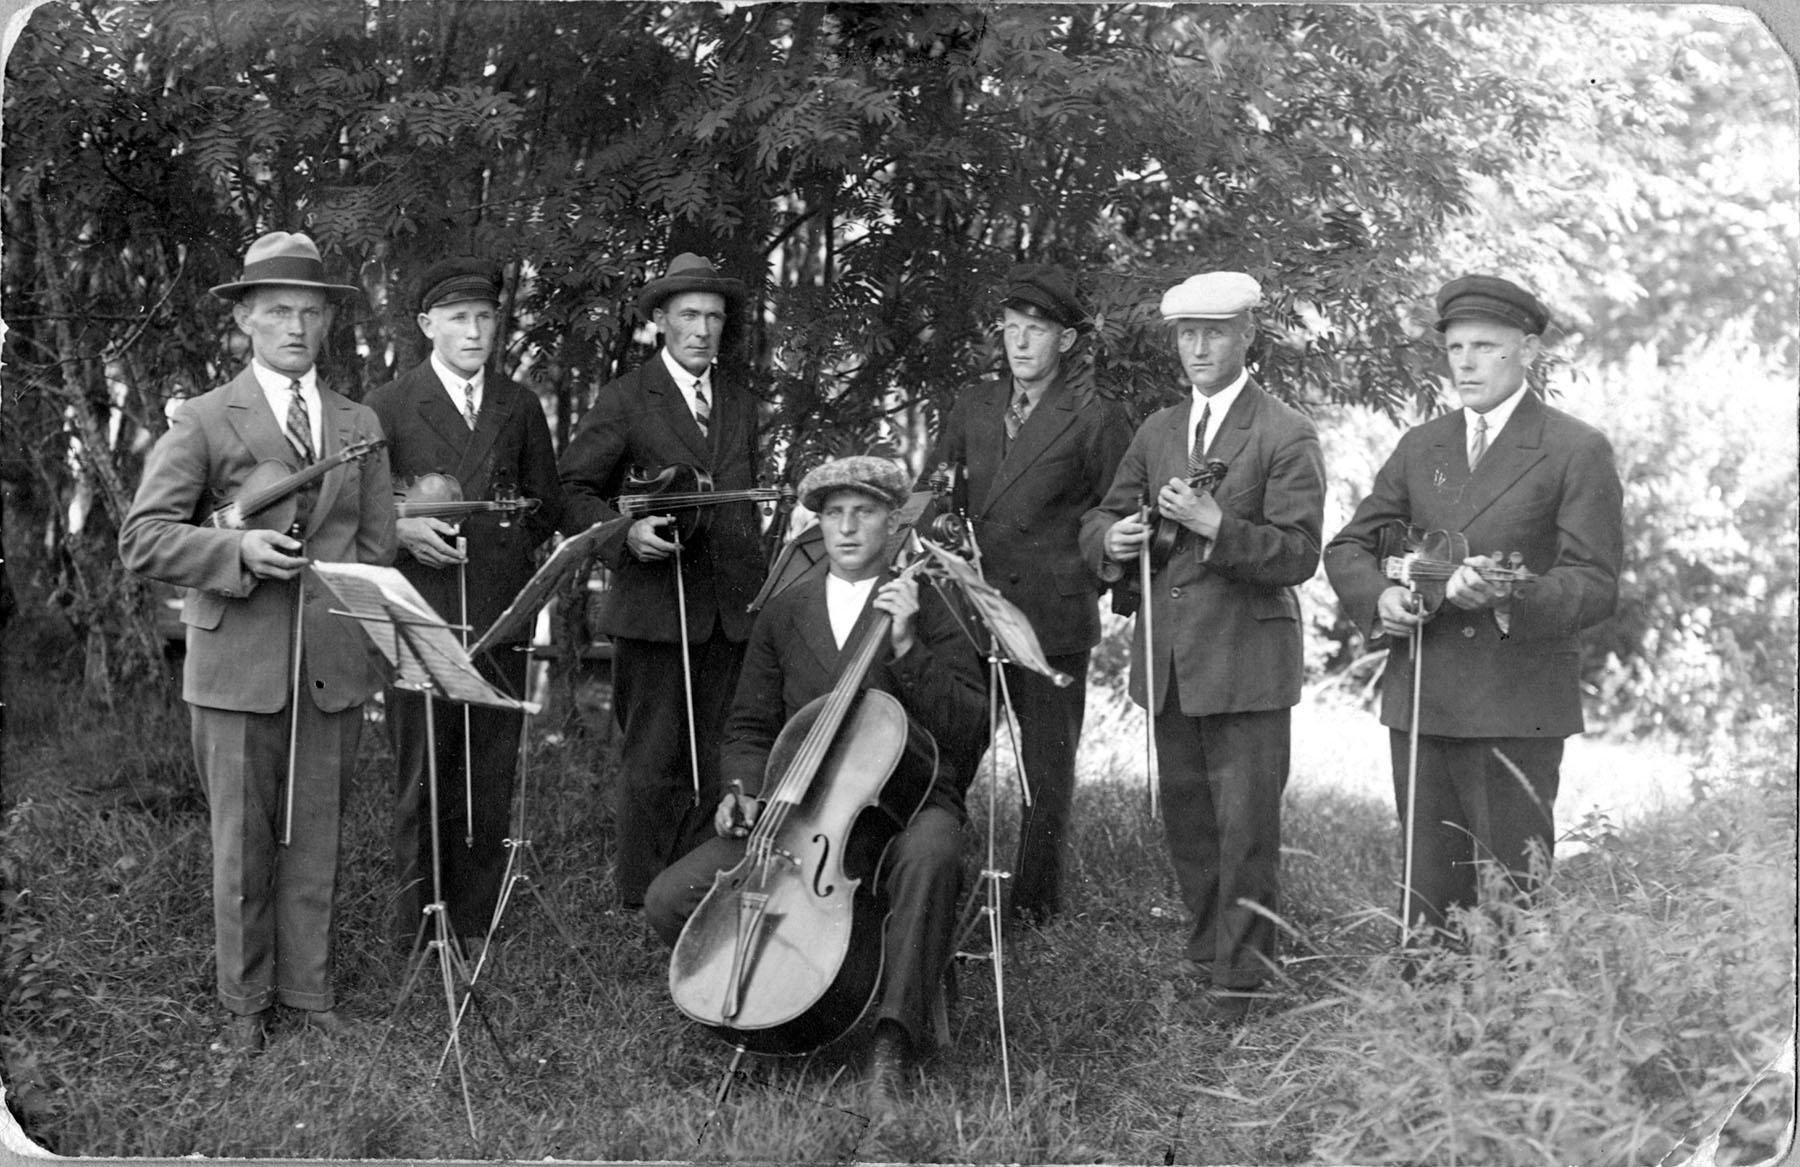 Salonkylän orkesteri 1930-luvulla. Soittajat vasemmalta: Urho Ämmänkoski, Heimo Salo, Waltteri Salo, Tuomas Rauma, Uuno Rauma, Wiljami Niittykoski ja Hugo Rauma.